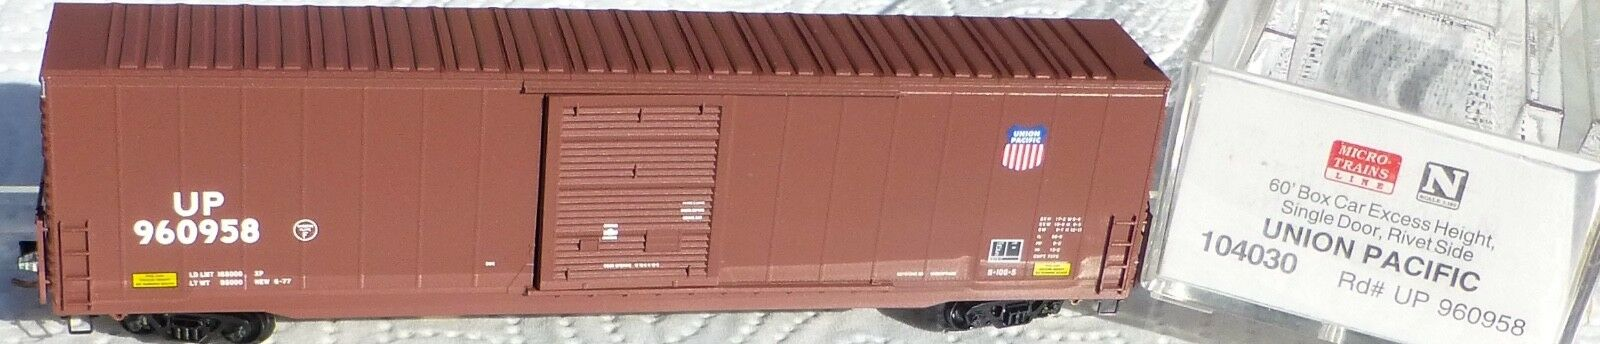 Micro Trains Ligne 104030 Union Pacific 60' Box car Excess Hauteur